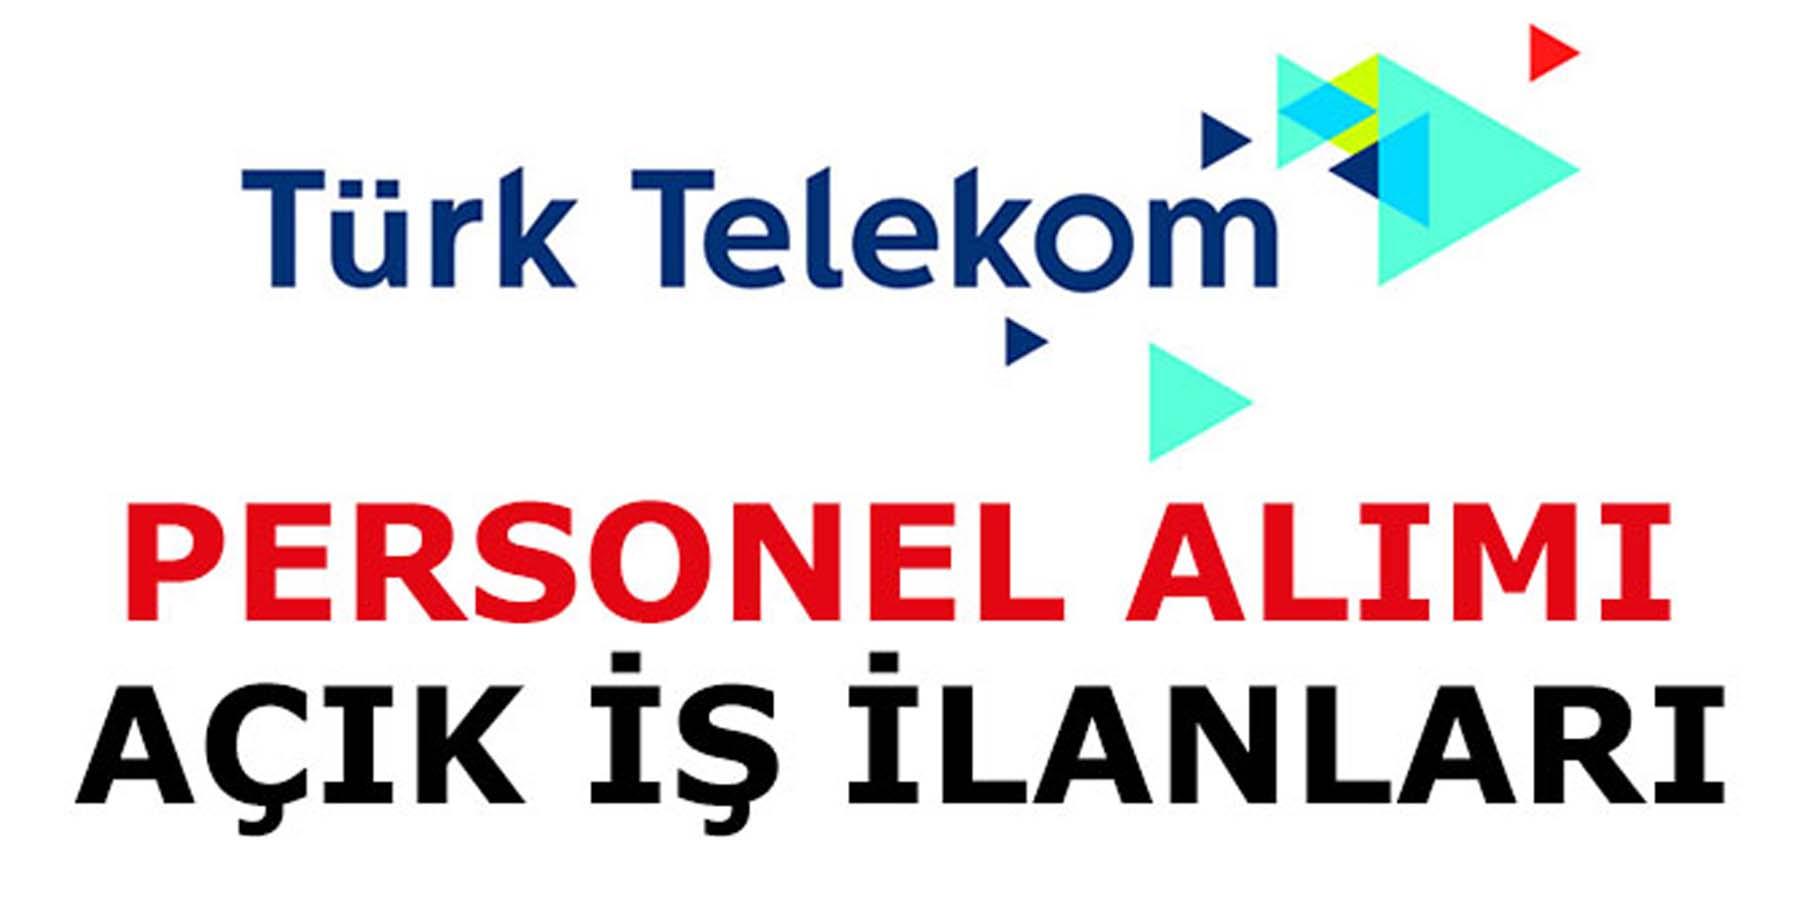 Türk Telekom Personel Alımı Açık İş İlanları